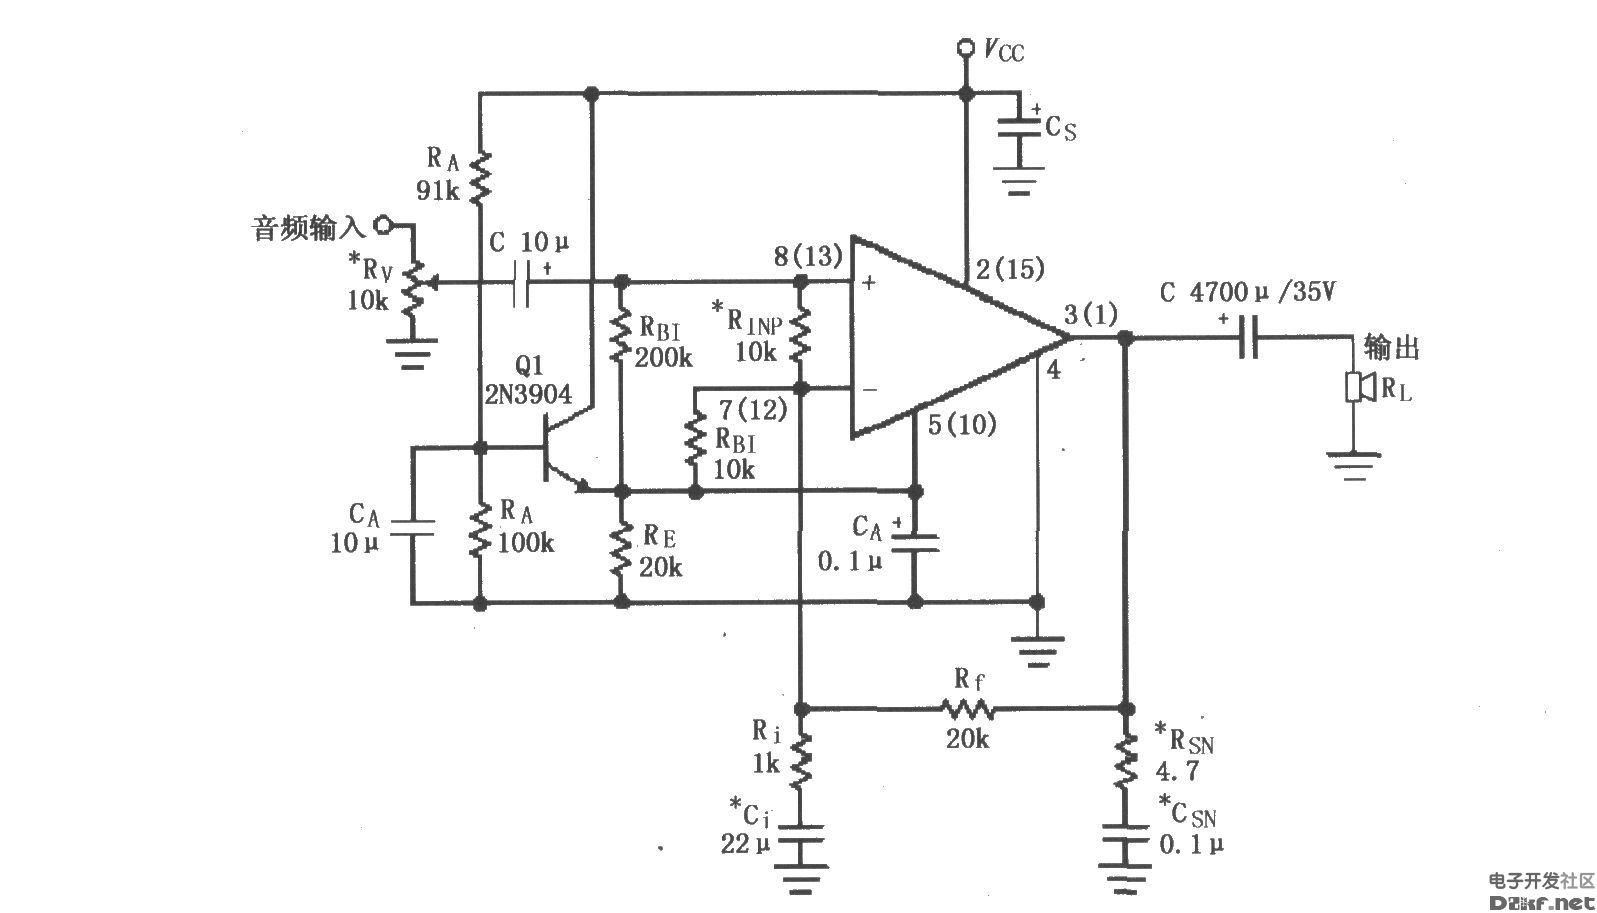 如图所示为LM4730/4731的单电源供电音频功率放大电路(括号中标号为内部放大器B的引脚标号),Rv为音量电位器。单电源供电时,采用91kΩ电阻与100kΩ电阻分压取约0.5VCC作为偏置电压,经过Q1电压跟随器加到LM4730输入端,使输出电压以0.5VCC为基准上下变化,因此可以获得最大的动态范围。*元件为根据实际需要可选用的元件,主要用于抑制放大器高频自激振荡。